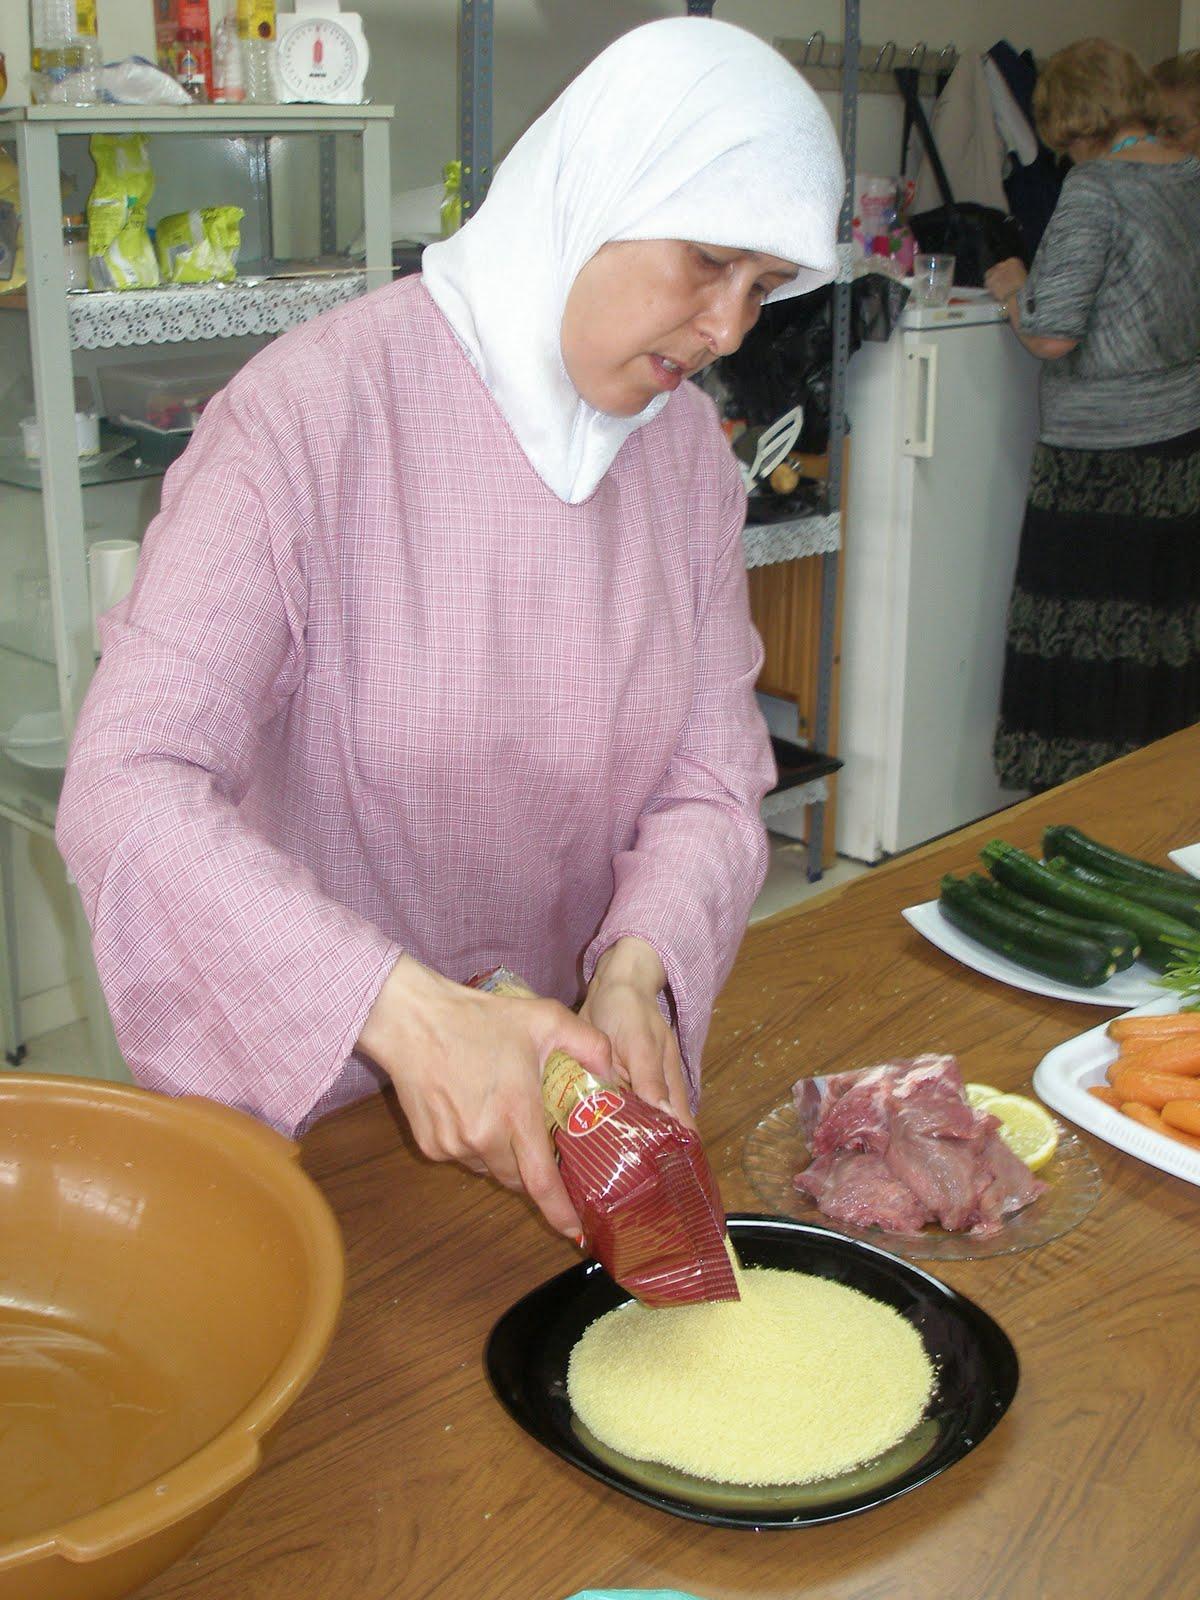 El blog de c ritas zaragoza primer post del curso de cocina y promoci n del autoempleo en gallur - Cursos de cocina zaragoza ...